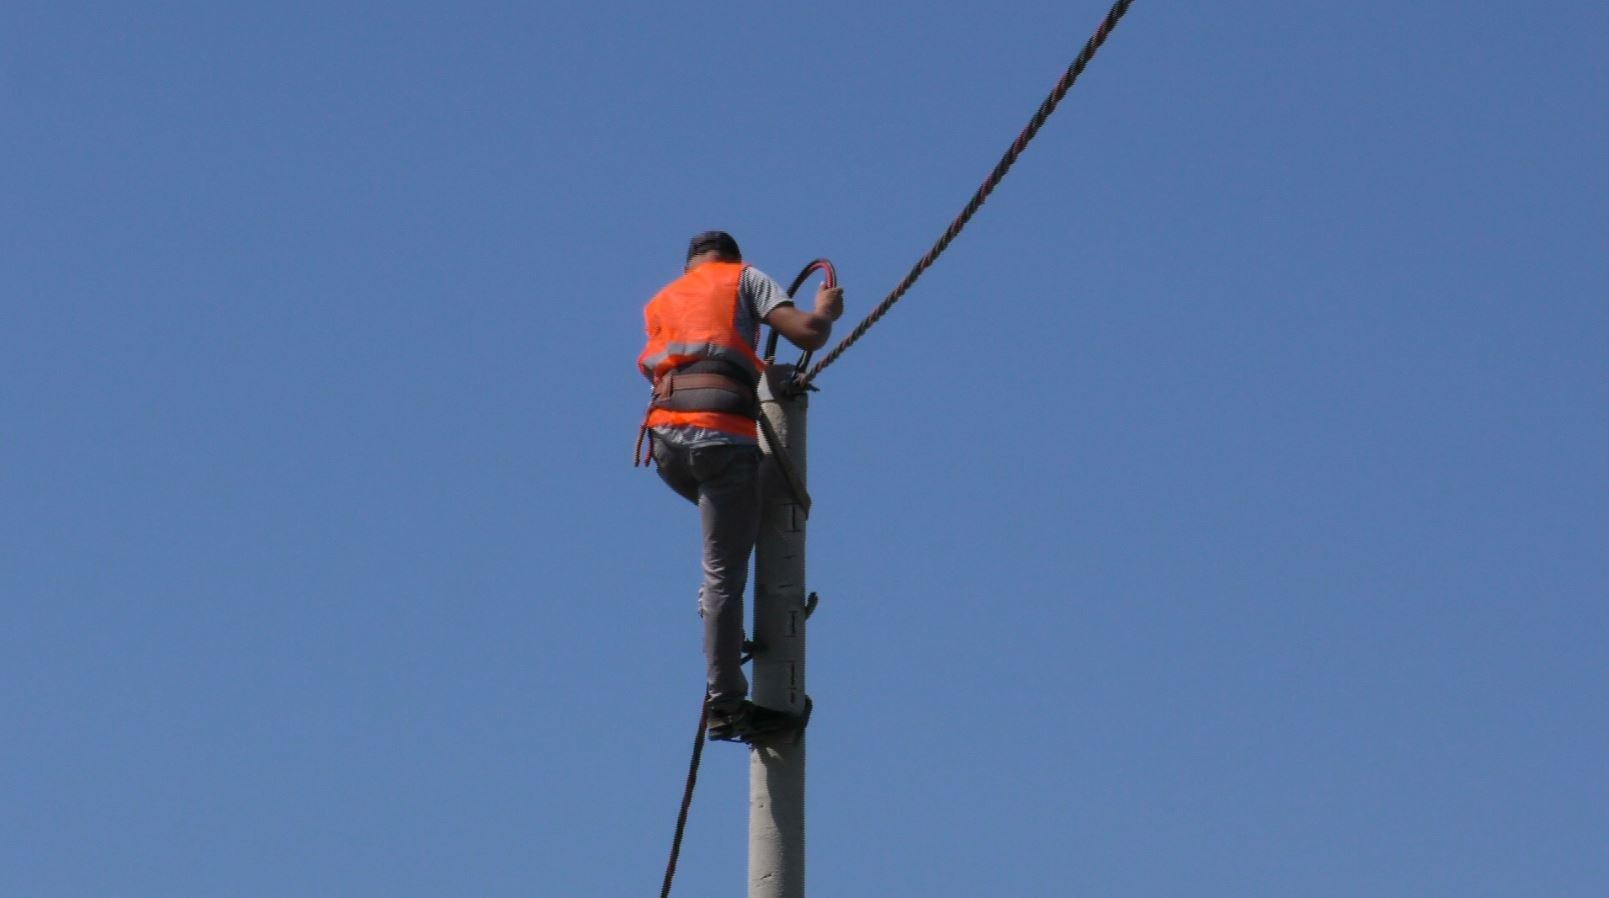 Plazhi i Darzezës në Fier probleme me energjinë, ndërhyn OSHE